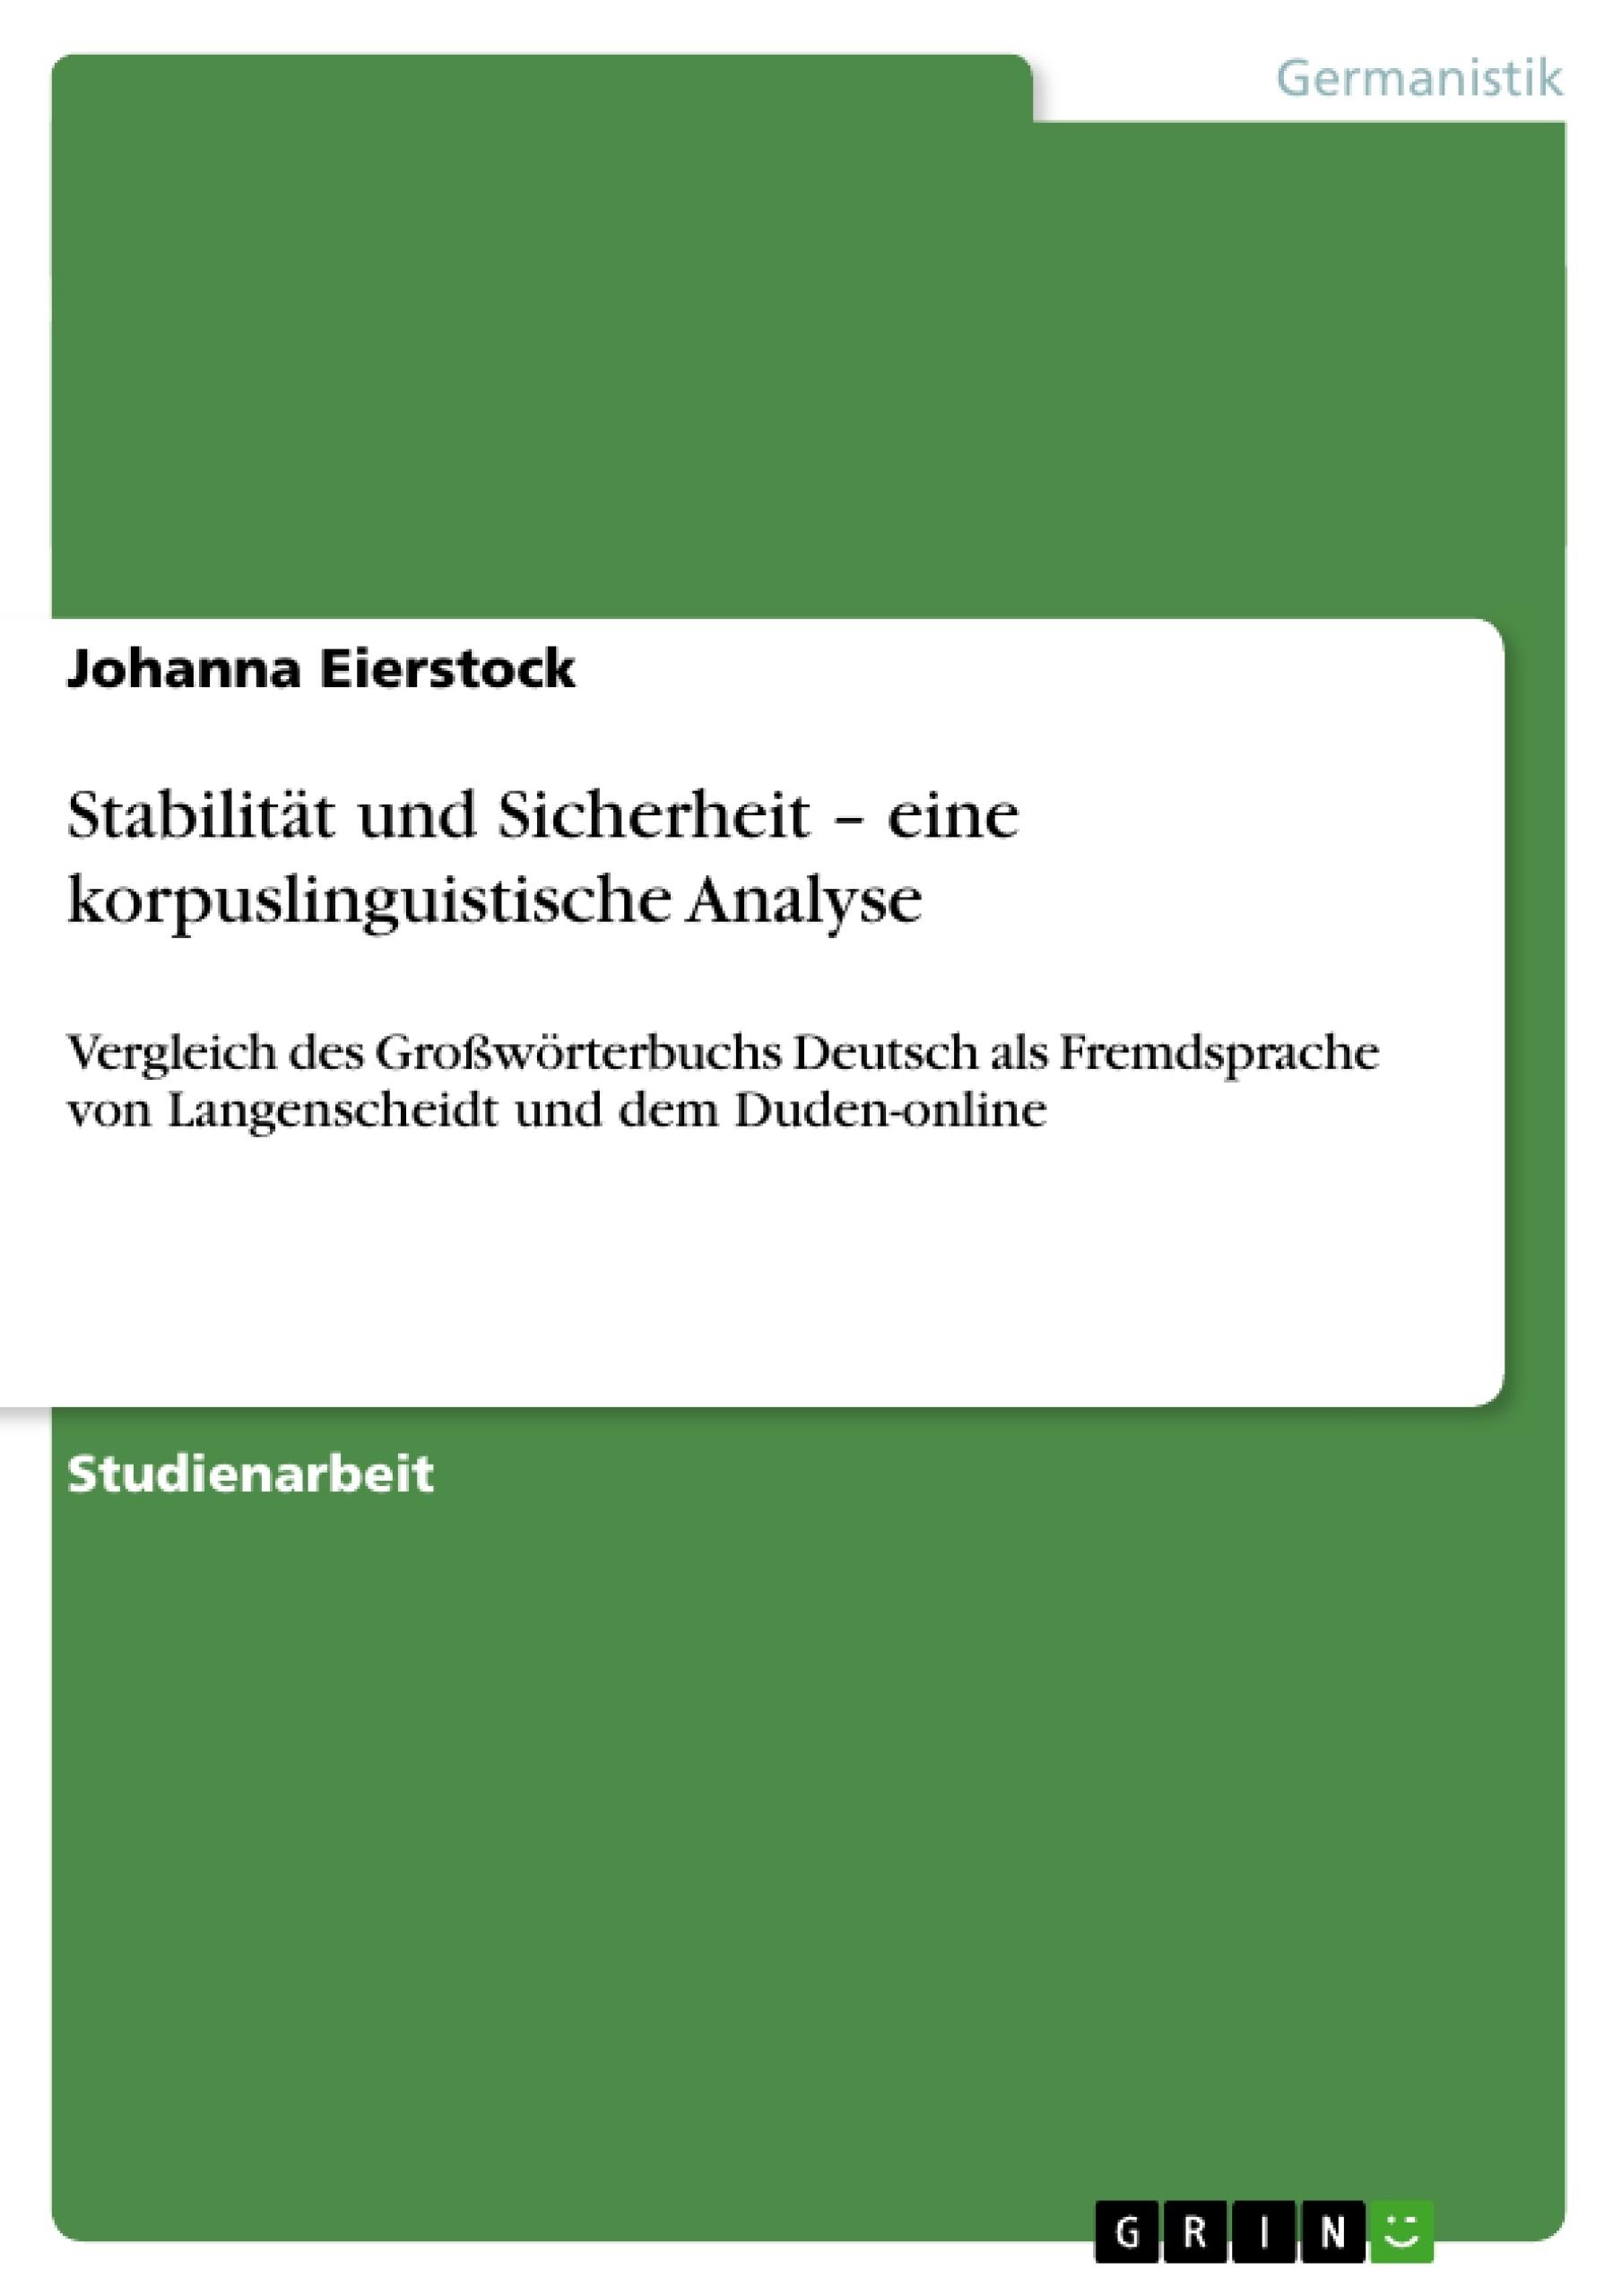 Titel: Stabilität und Sicherheit – eine korpuslinguistische Analyse